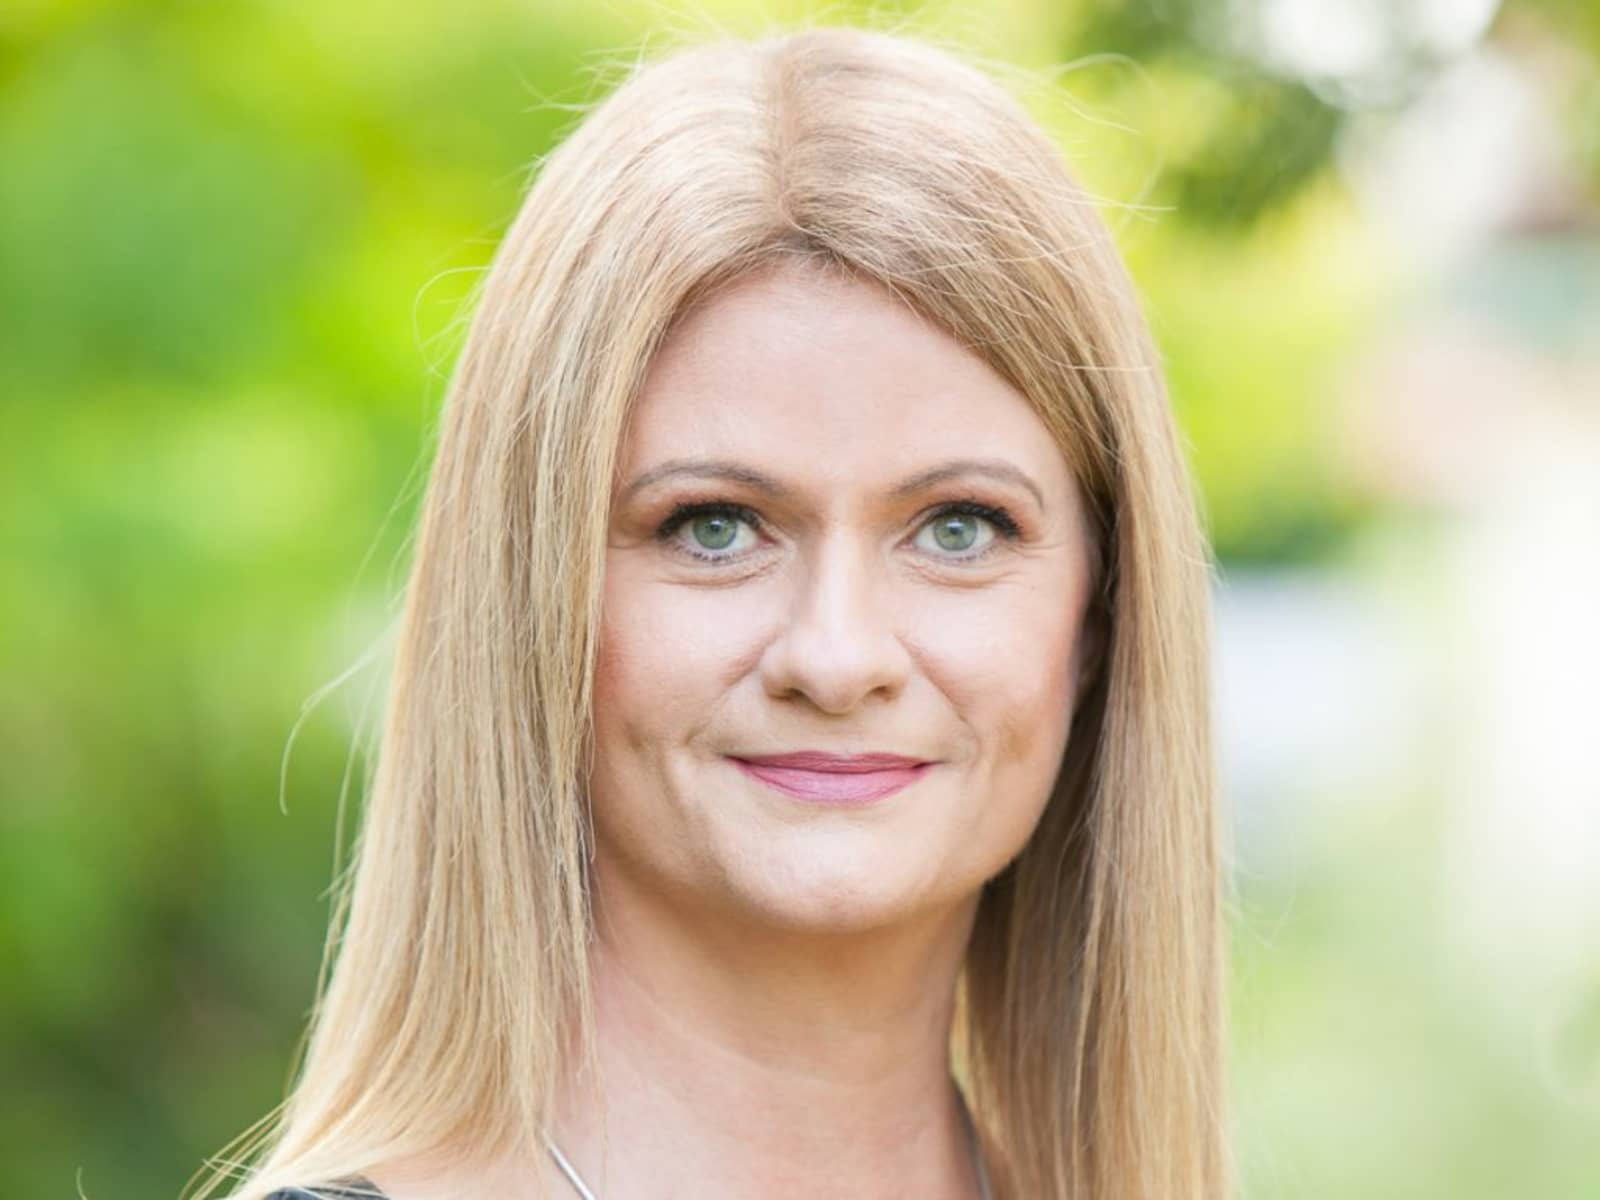 Brigette from Brisbane, Queensland, Australia